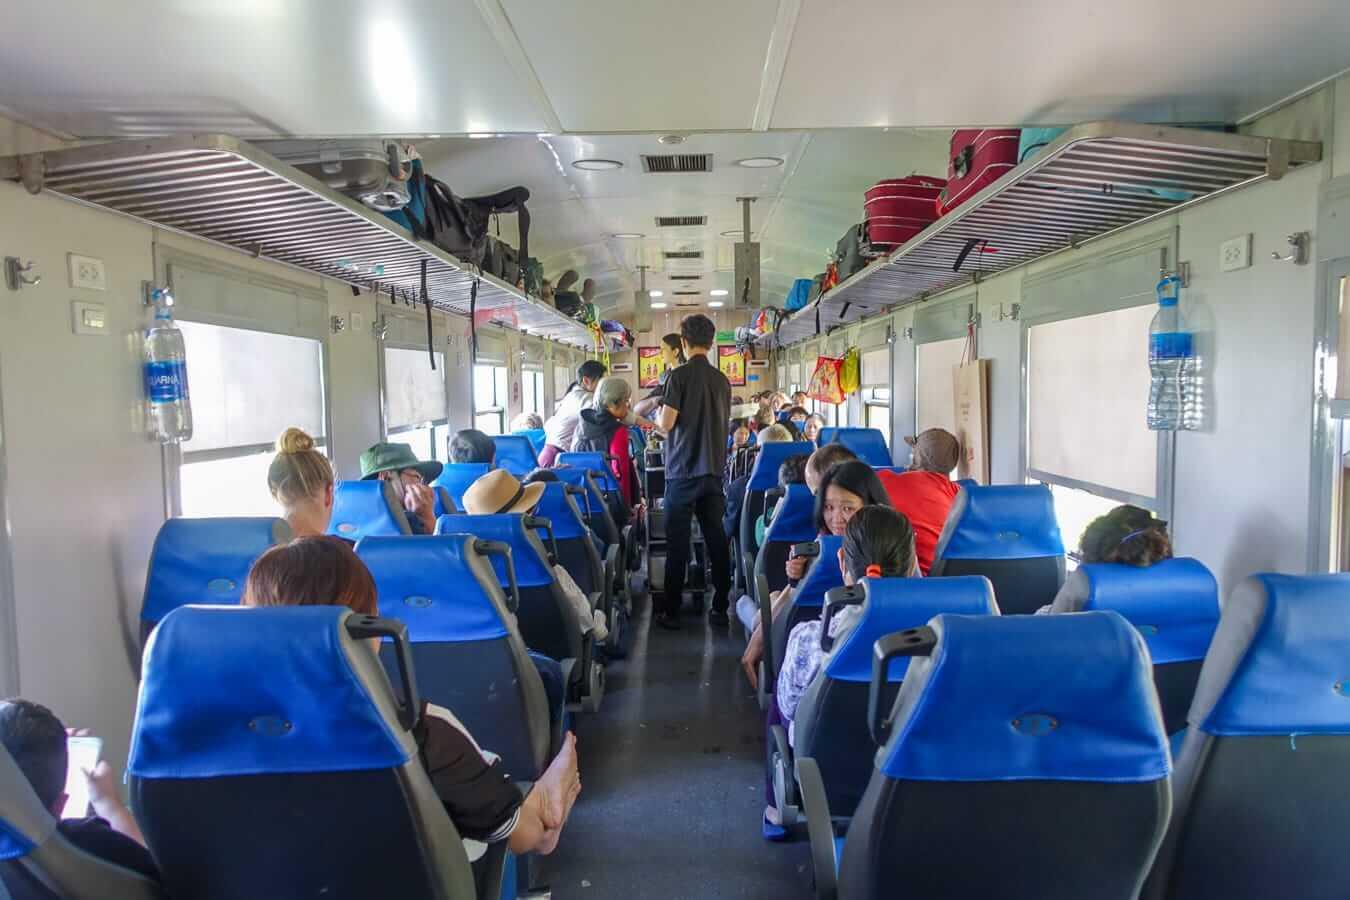 Cabine à sièges souples dans le train du Vietnam